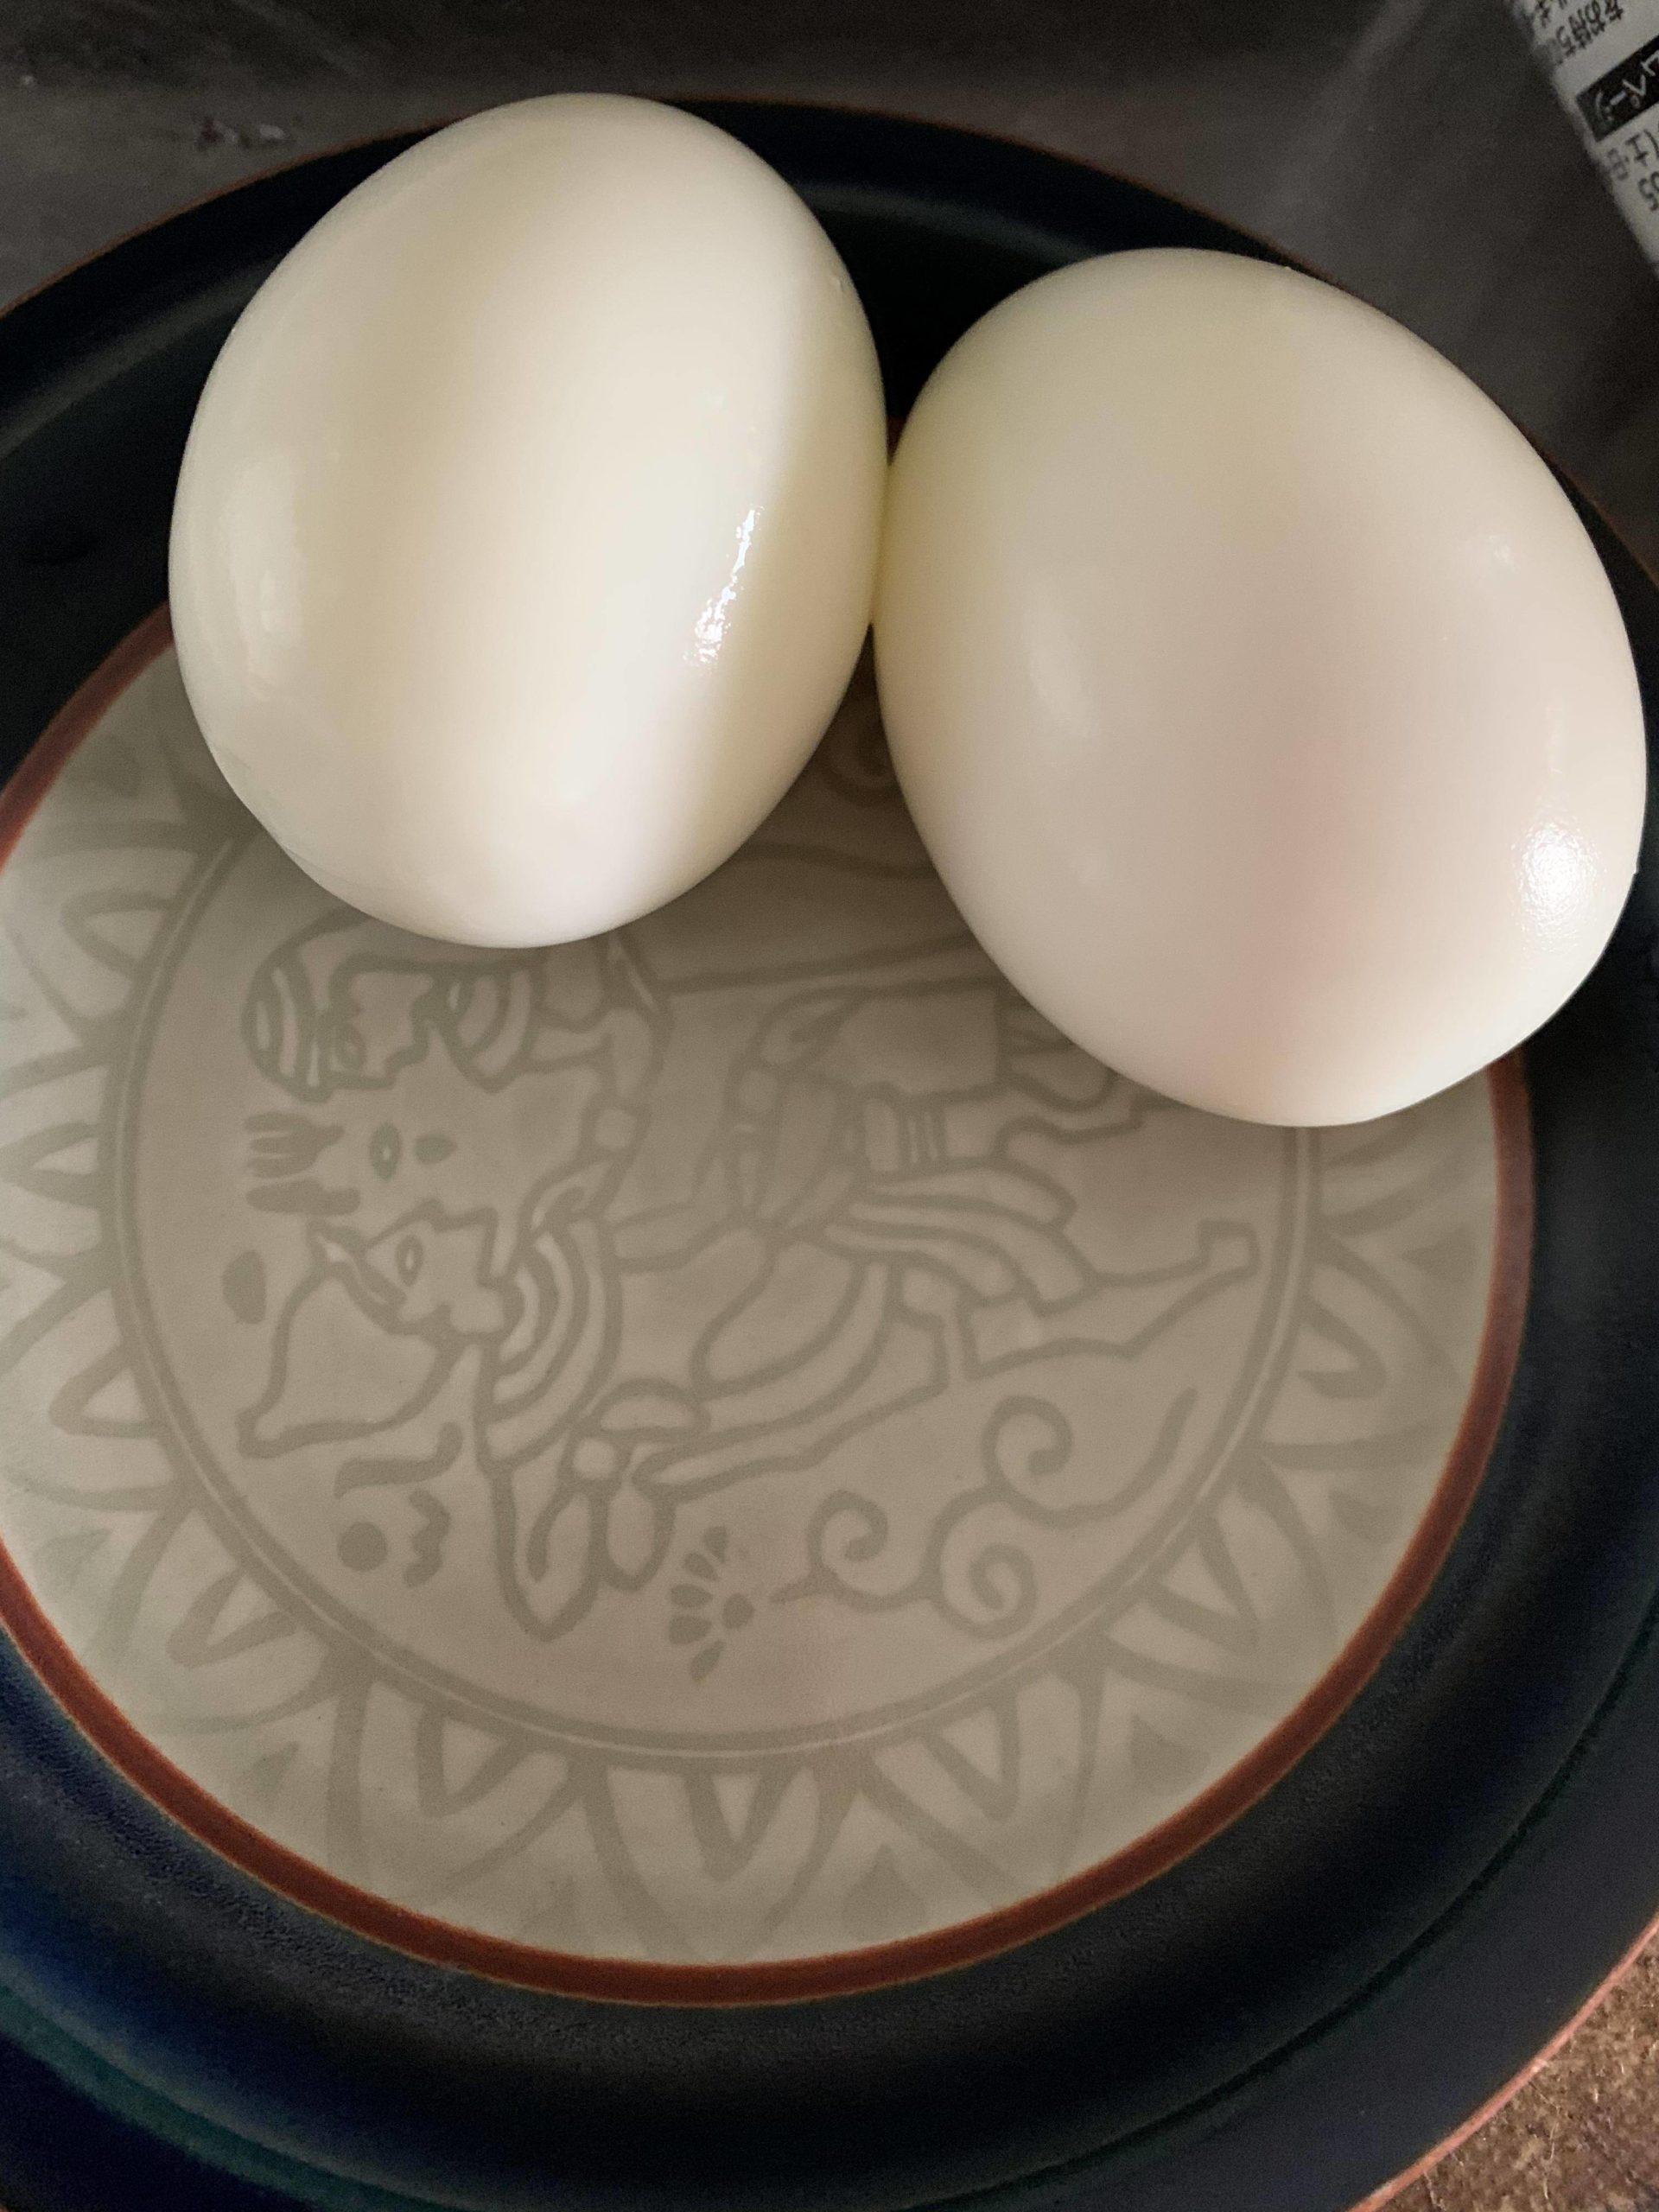 【画像】暇だから茹で卵作った